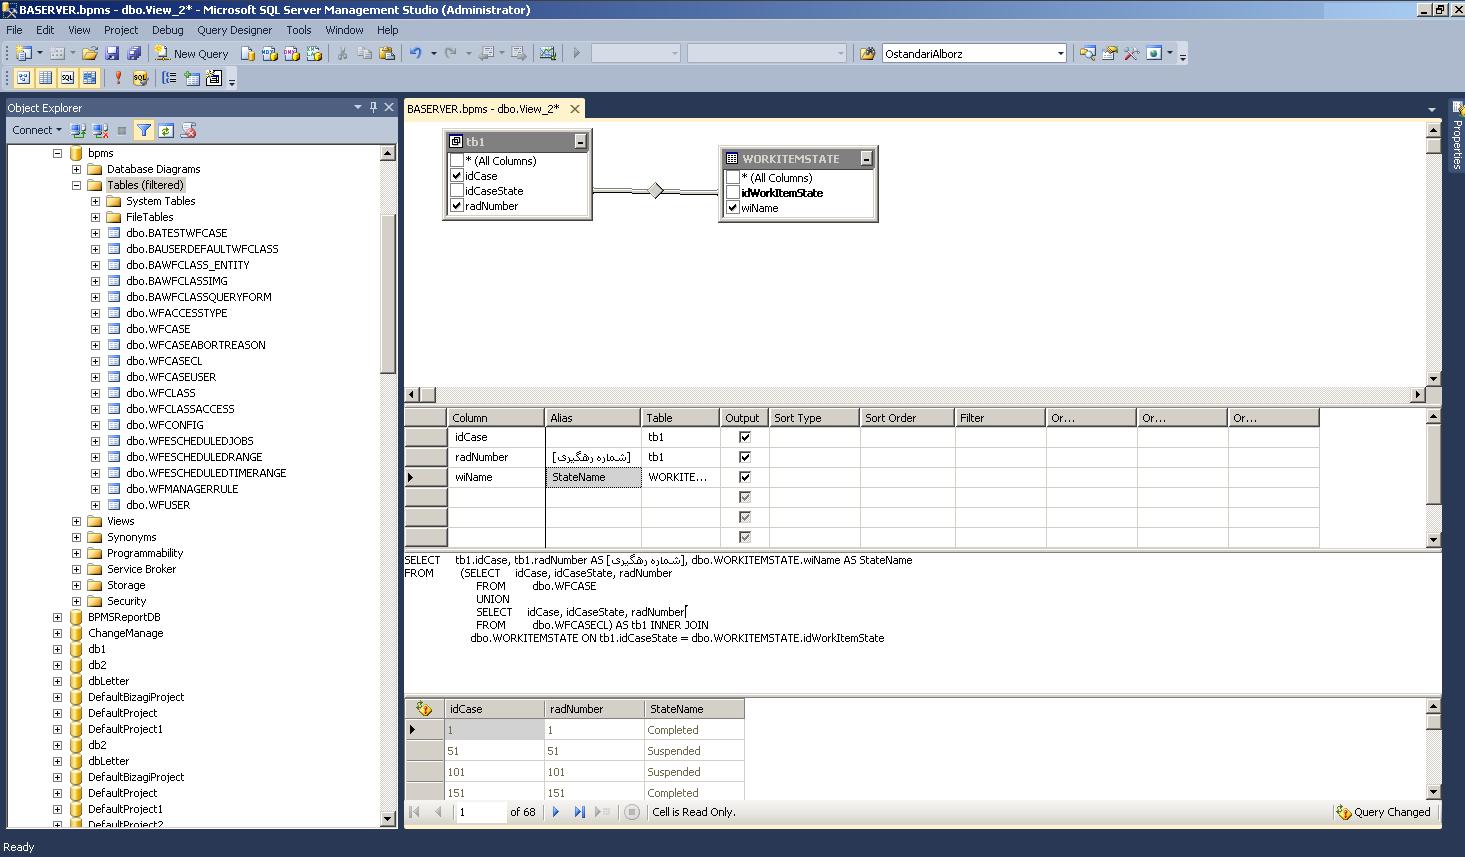 تصویر 1 پایگاه داده BPMS